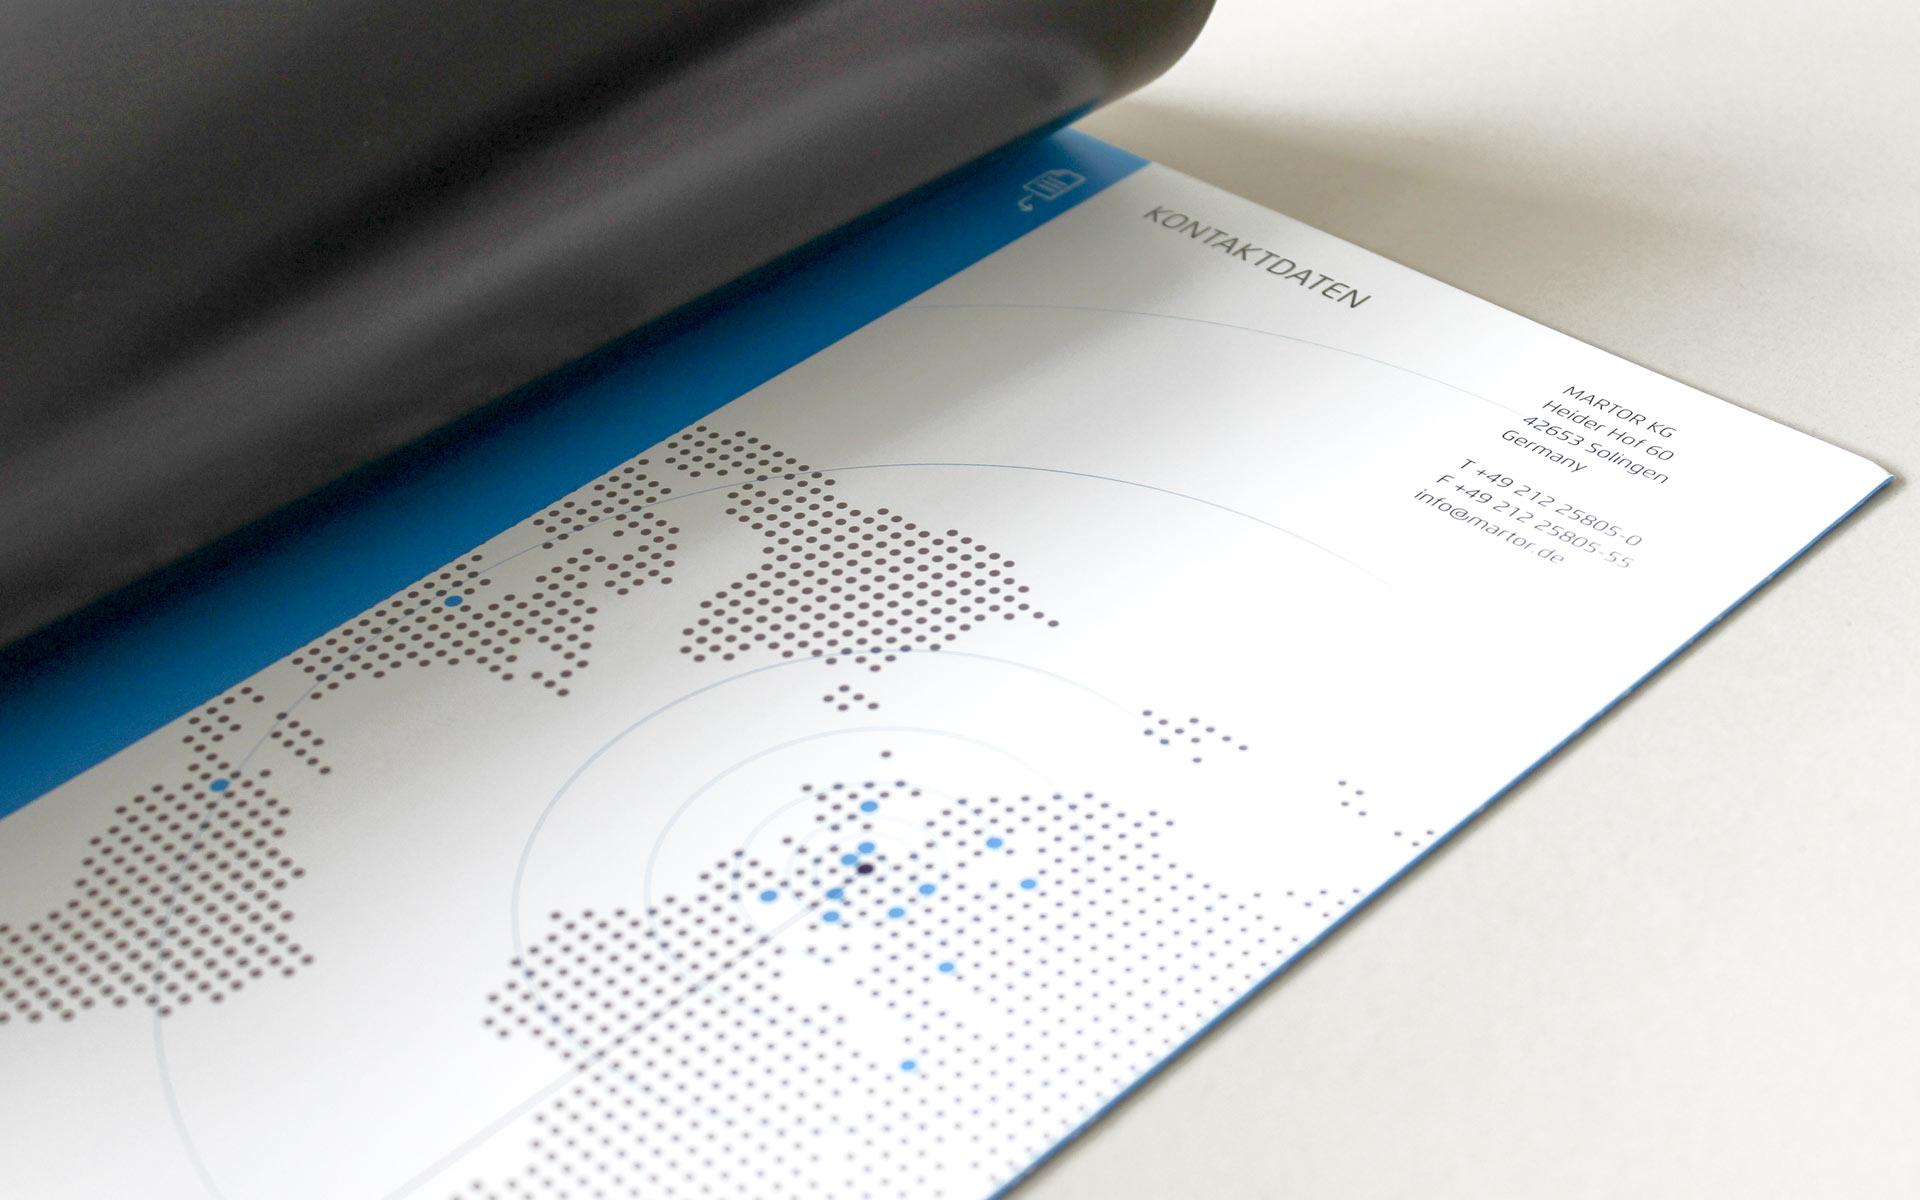 MARTOR Broschürenkonzept, Sicherheitsmesser Katalog, Informationsgrafik